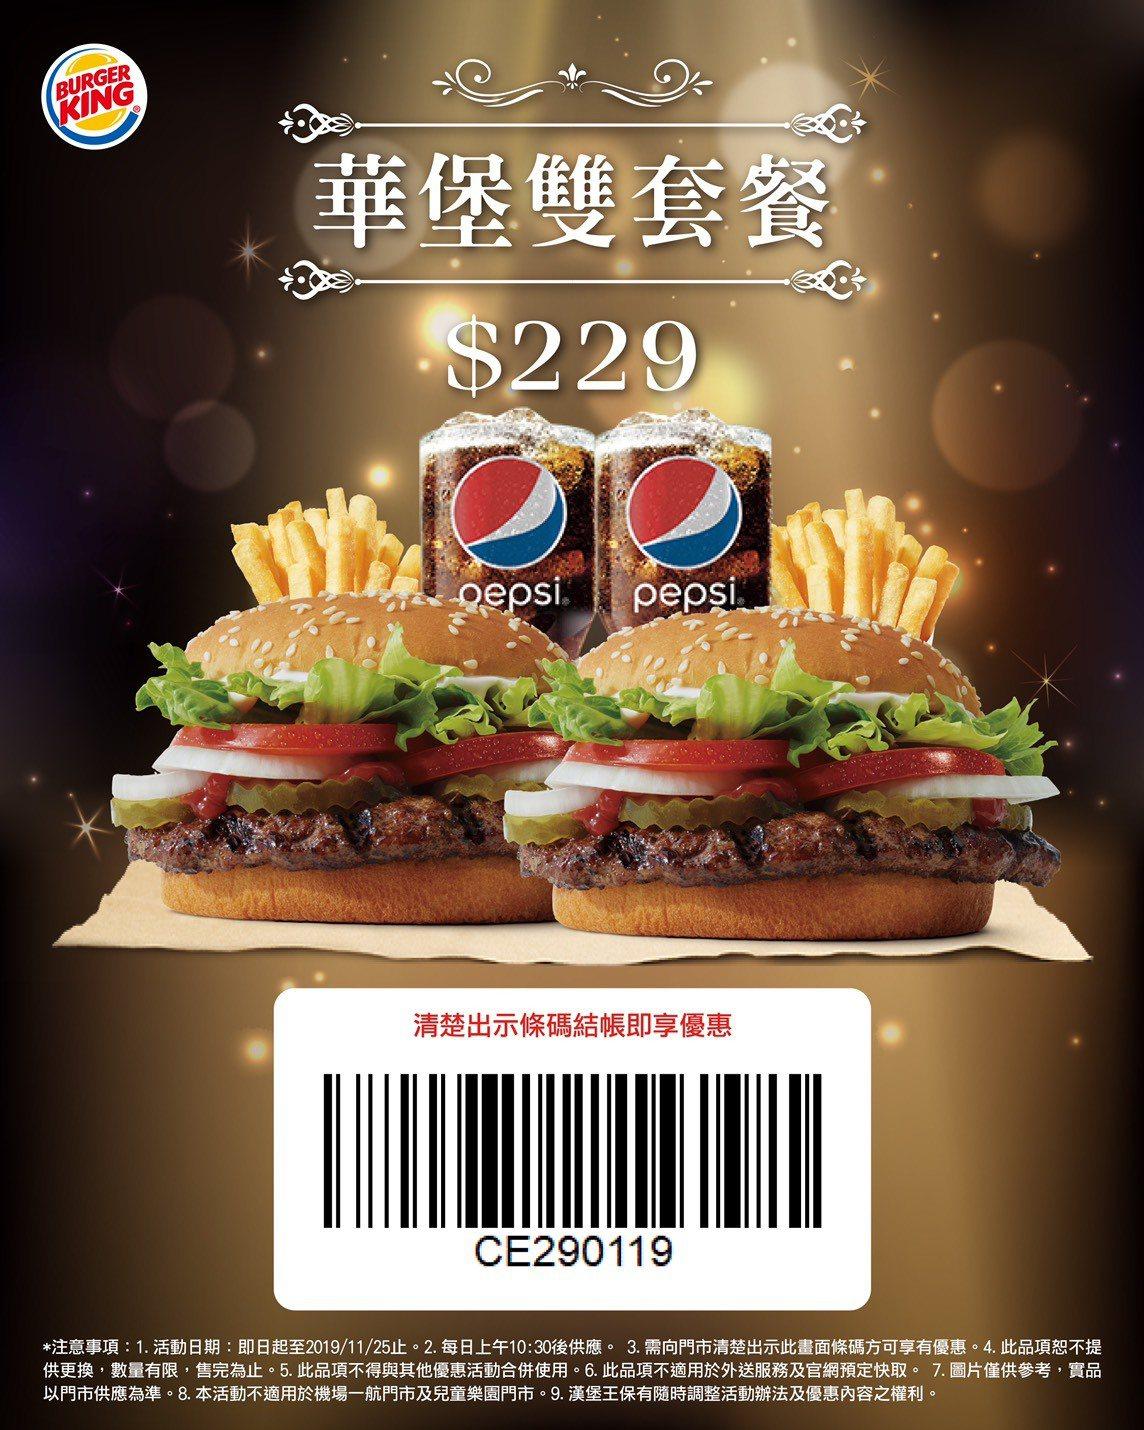 10/24起,出示優惠條碼或圖片,即可以229元買到華堡雙套餐。圖/漢堡王提供